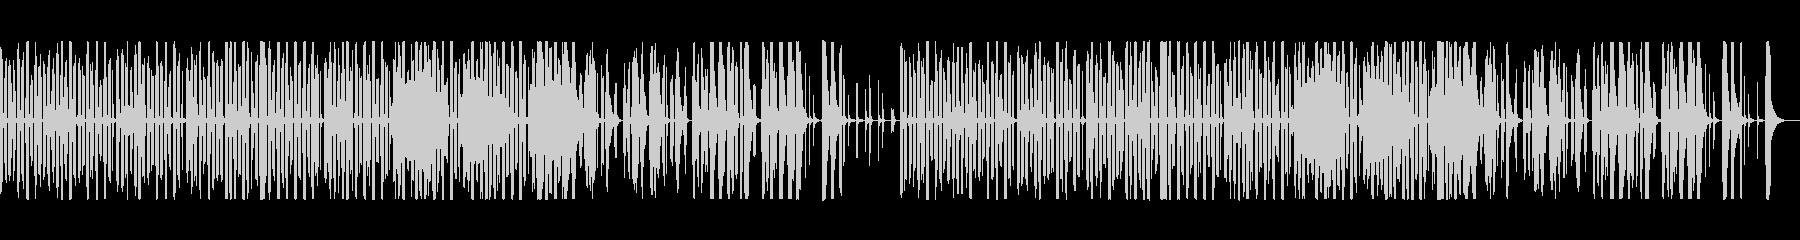 リコーダー、ゆるい、ほのぼの、生配信の未再生の波形